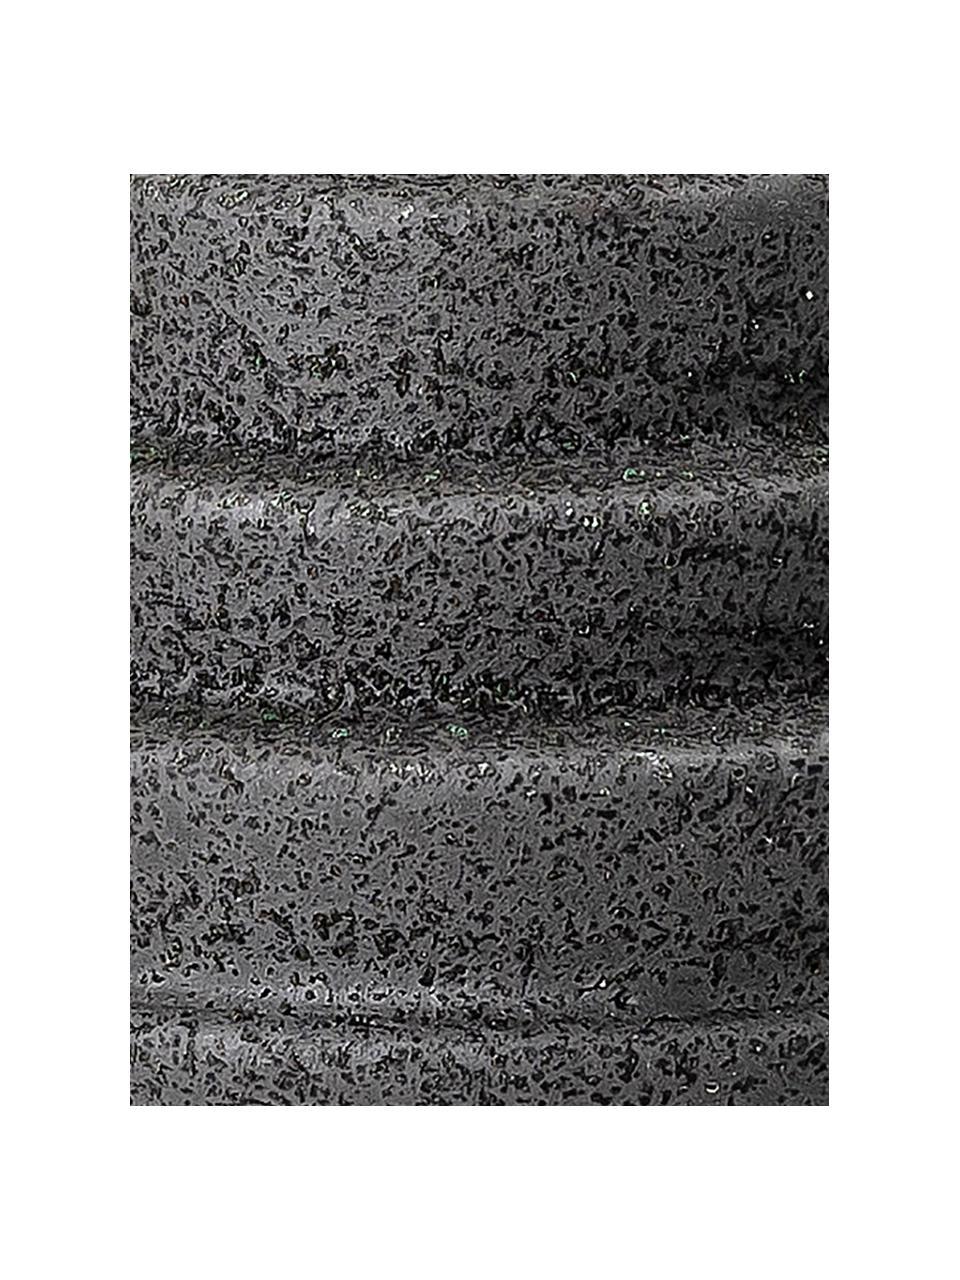 Kandelaar Karalie, Keramiek, Zwart, Ø 7 cm